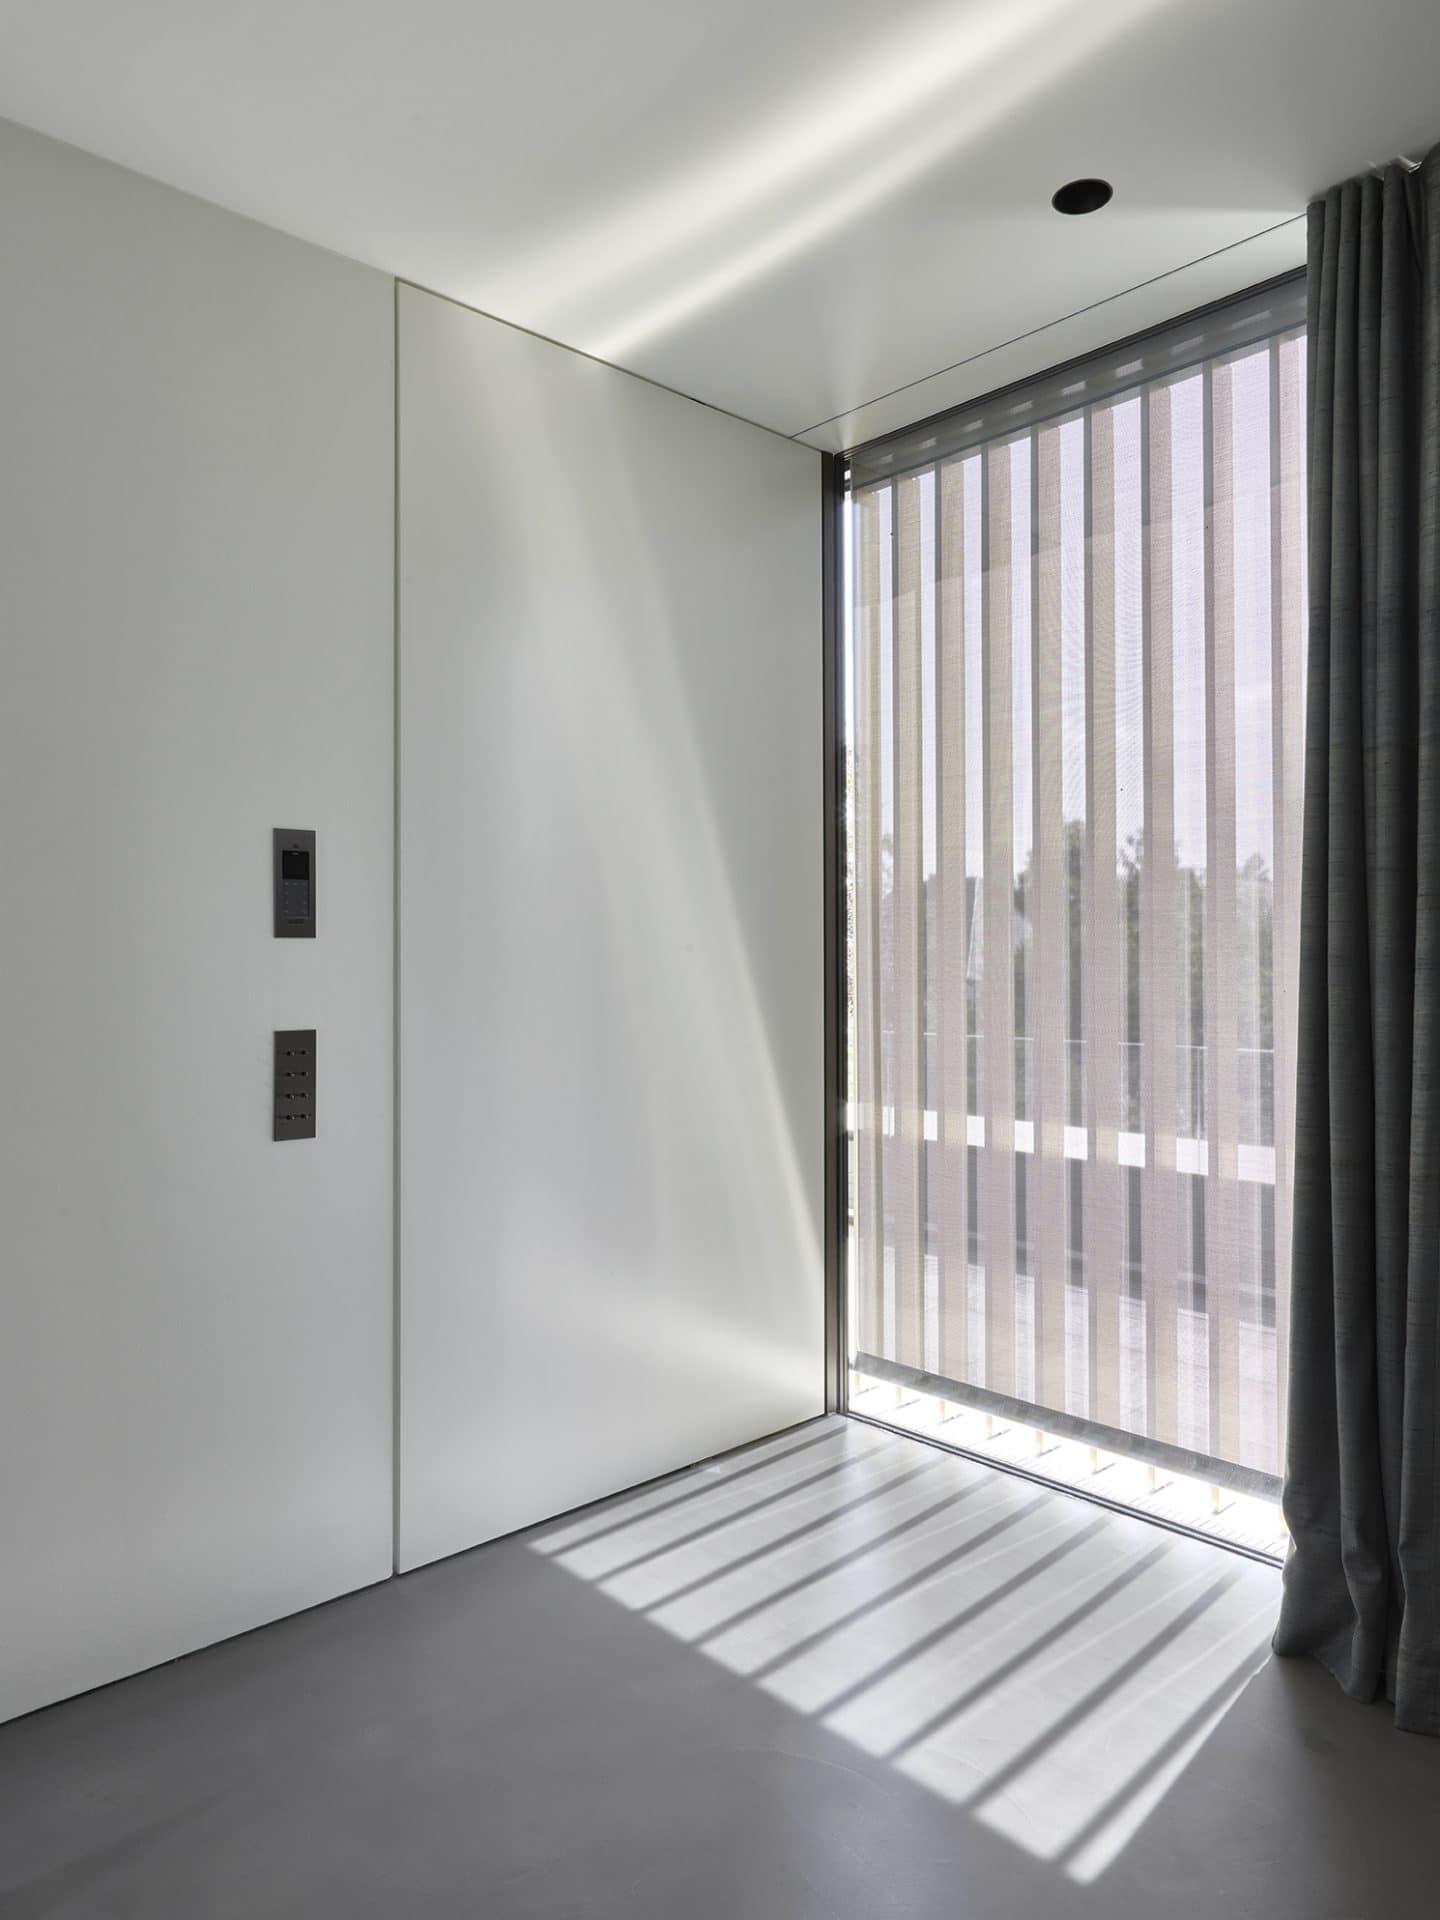 Küchendesign von VOIT aus geräucherter Eiche, Beton und Edelstahl - Badezimmertür geschlossen mit weißer Mattlack Front